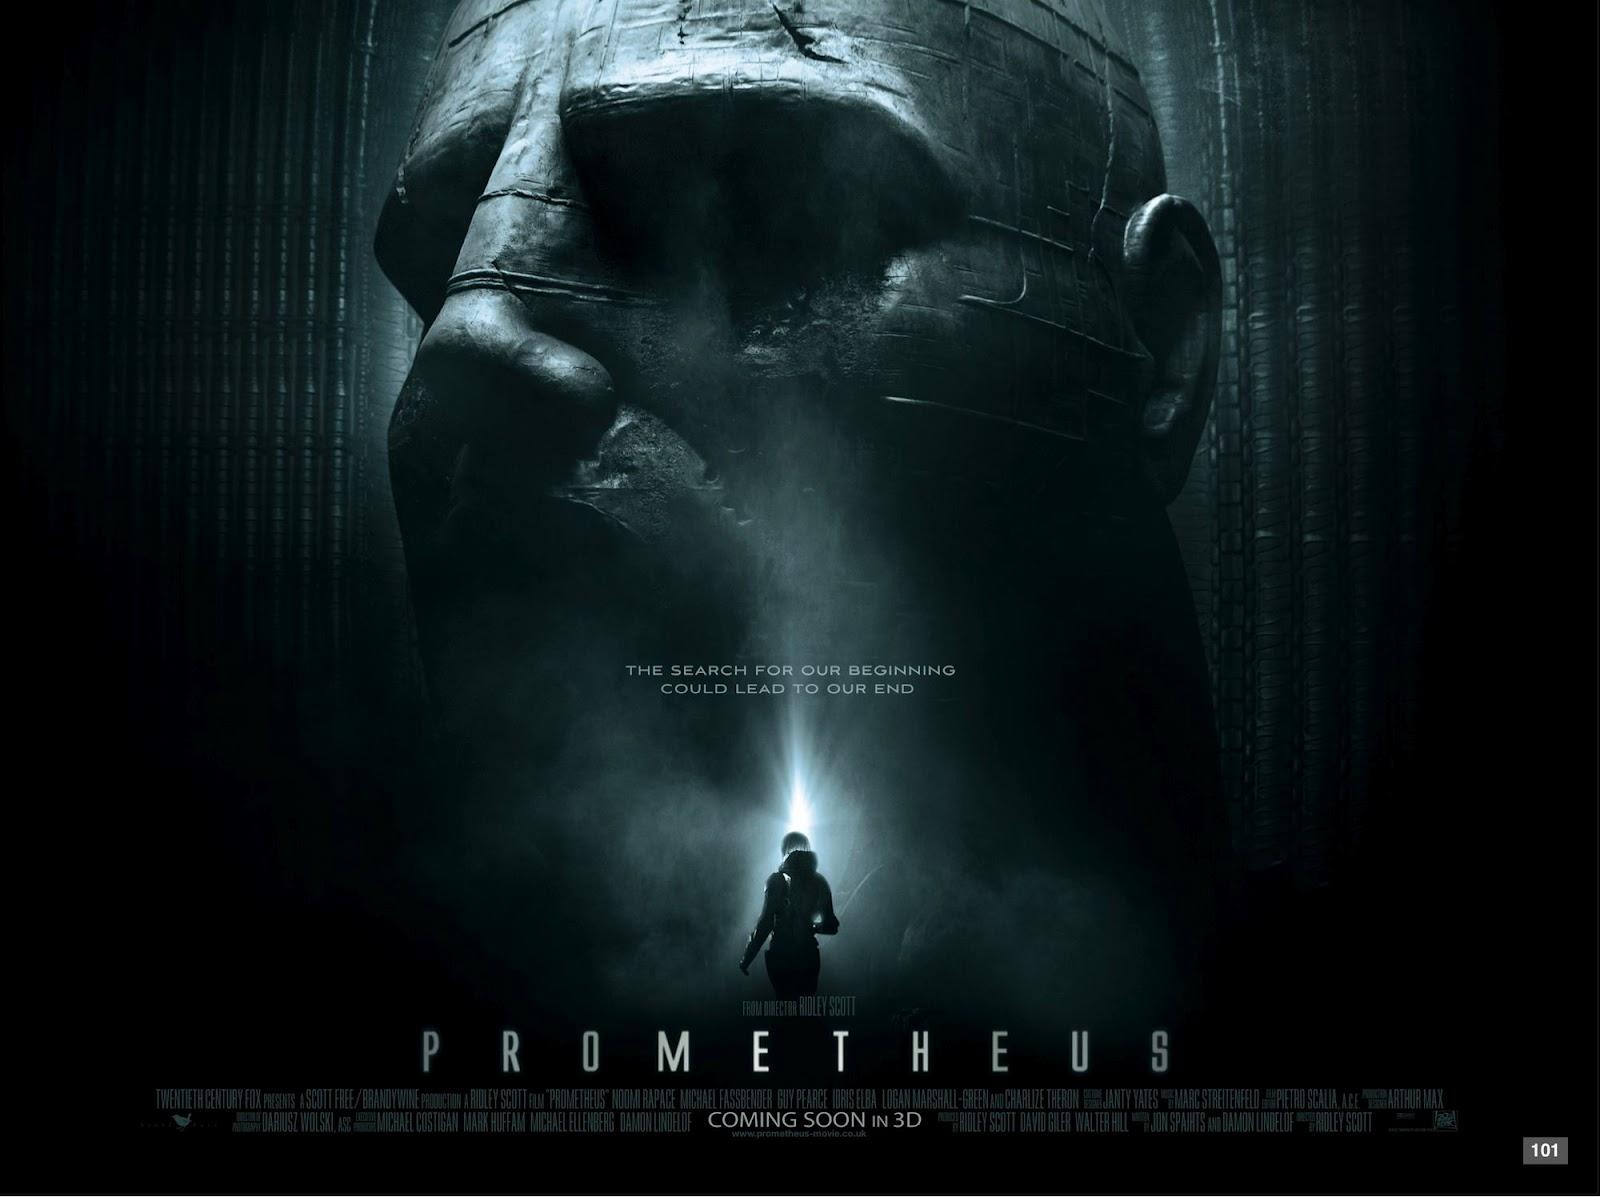 http://2.bp.blogspot.com/-Z7KbaX9JmQo/T8pO1WLqmPI/AAAAAAAAC_Q/Nlam77h6ZkM/s1600/Prometheus+poster+quad.JPG